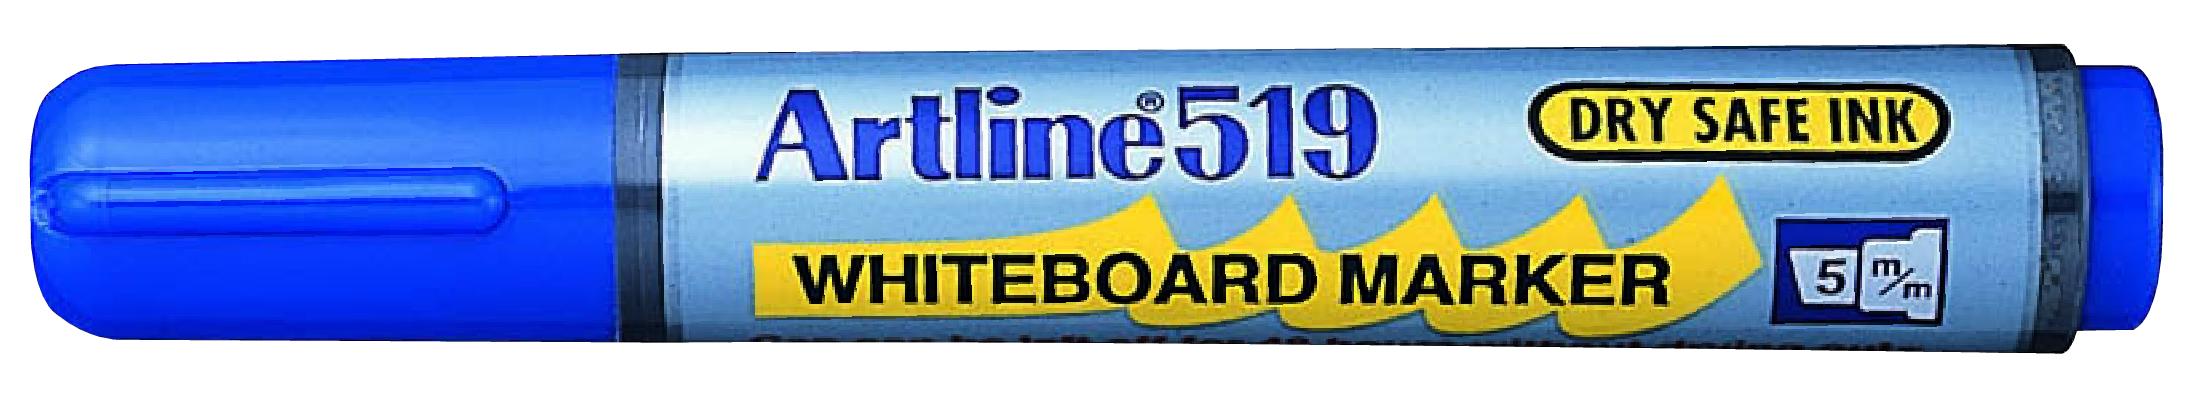 Artline 519 Whiteboardpenn blå